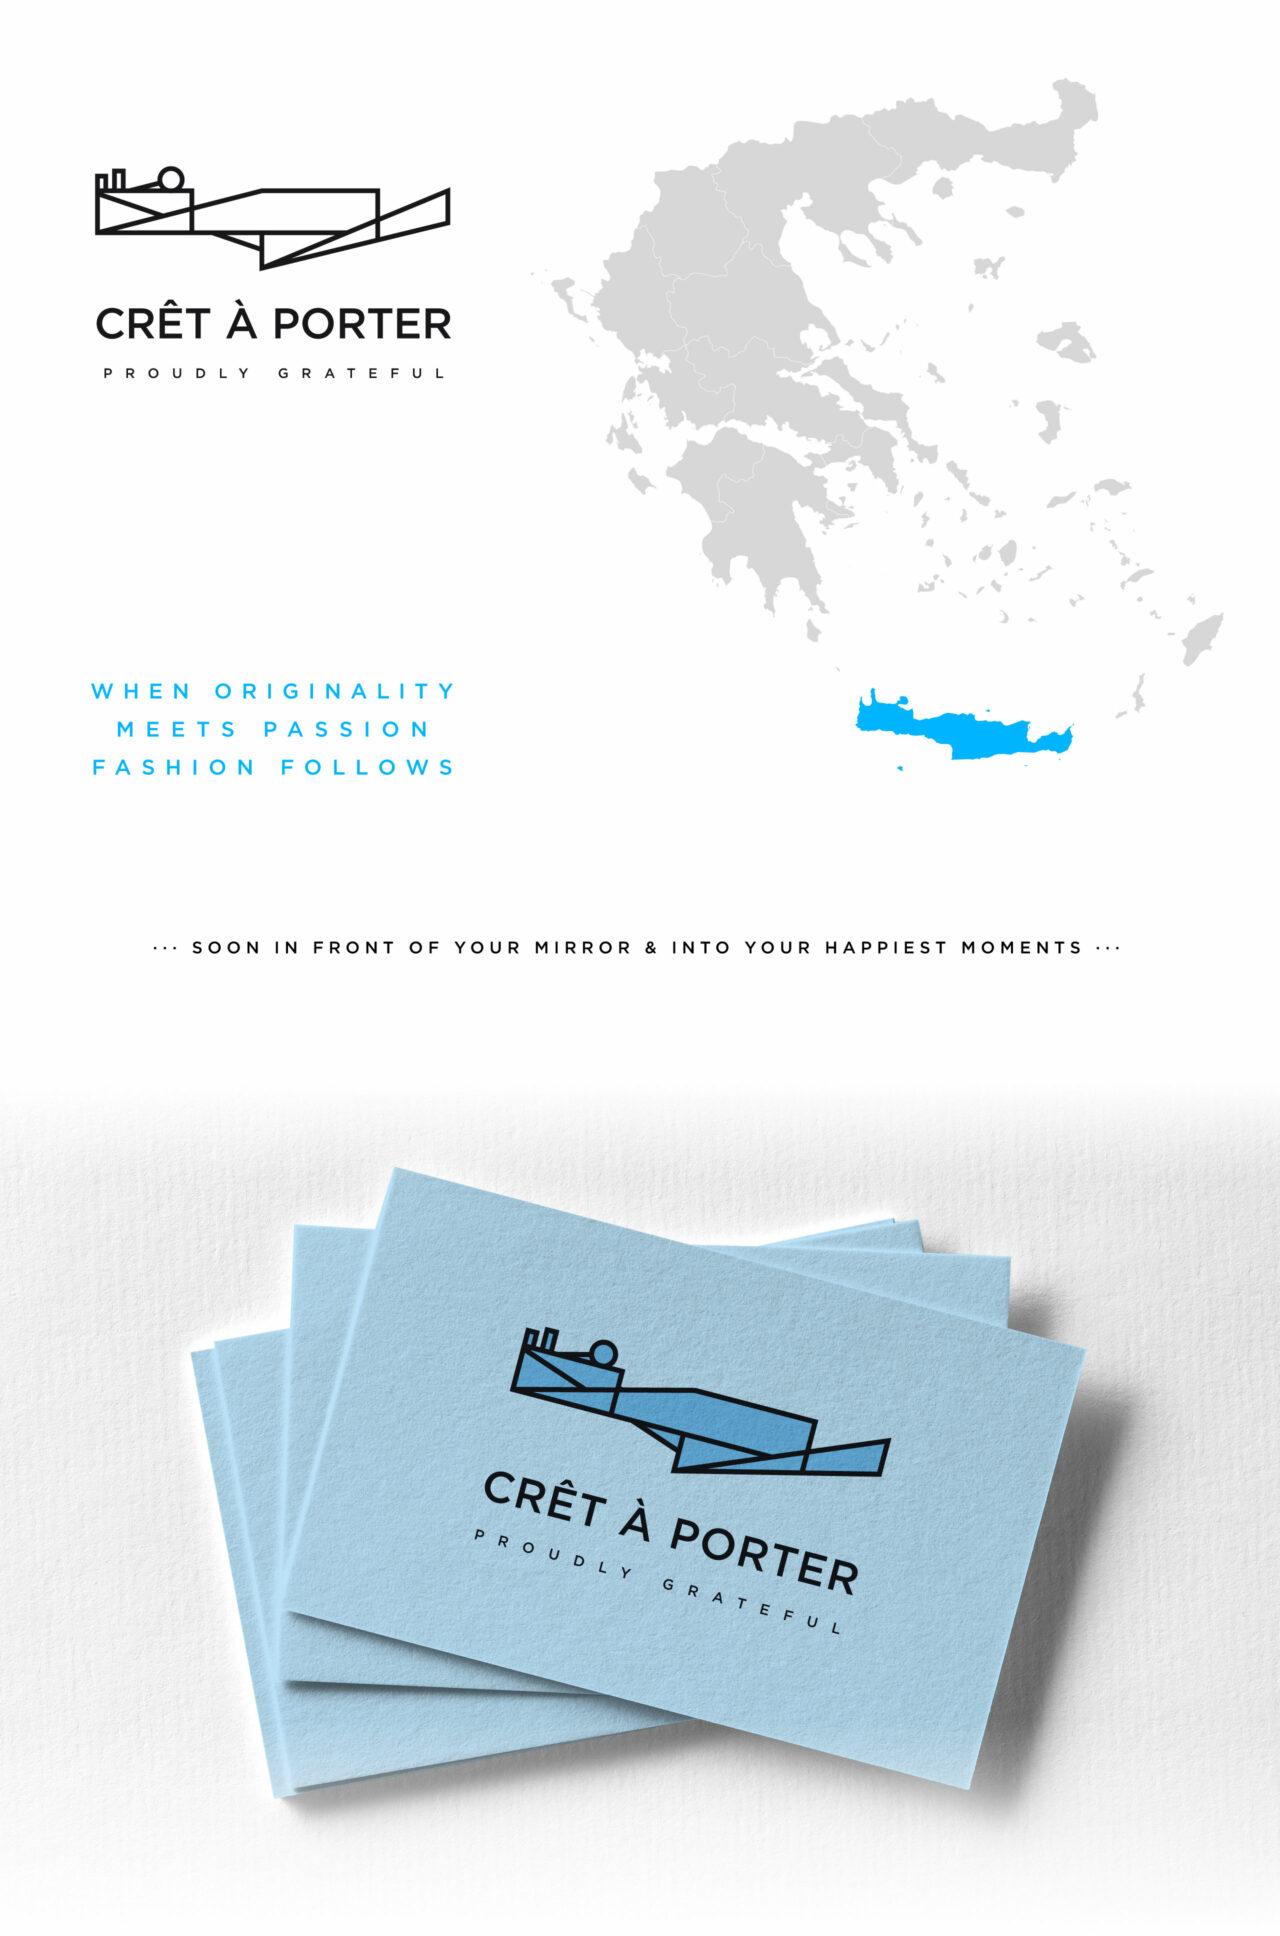 Crêt à porter Cretan apparel concept branding design by Plus Gravity